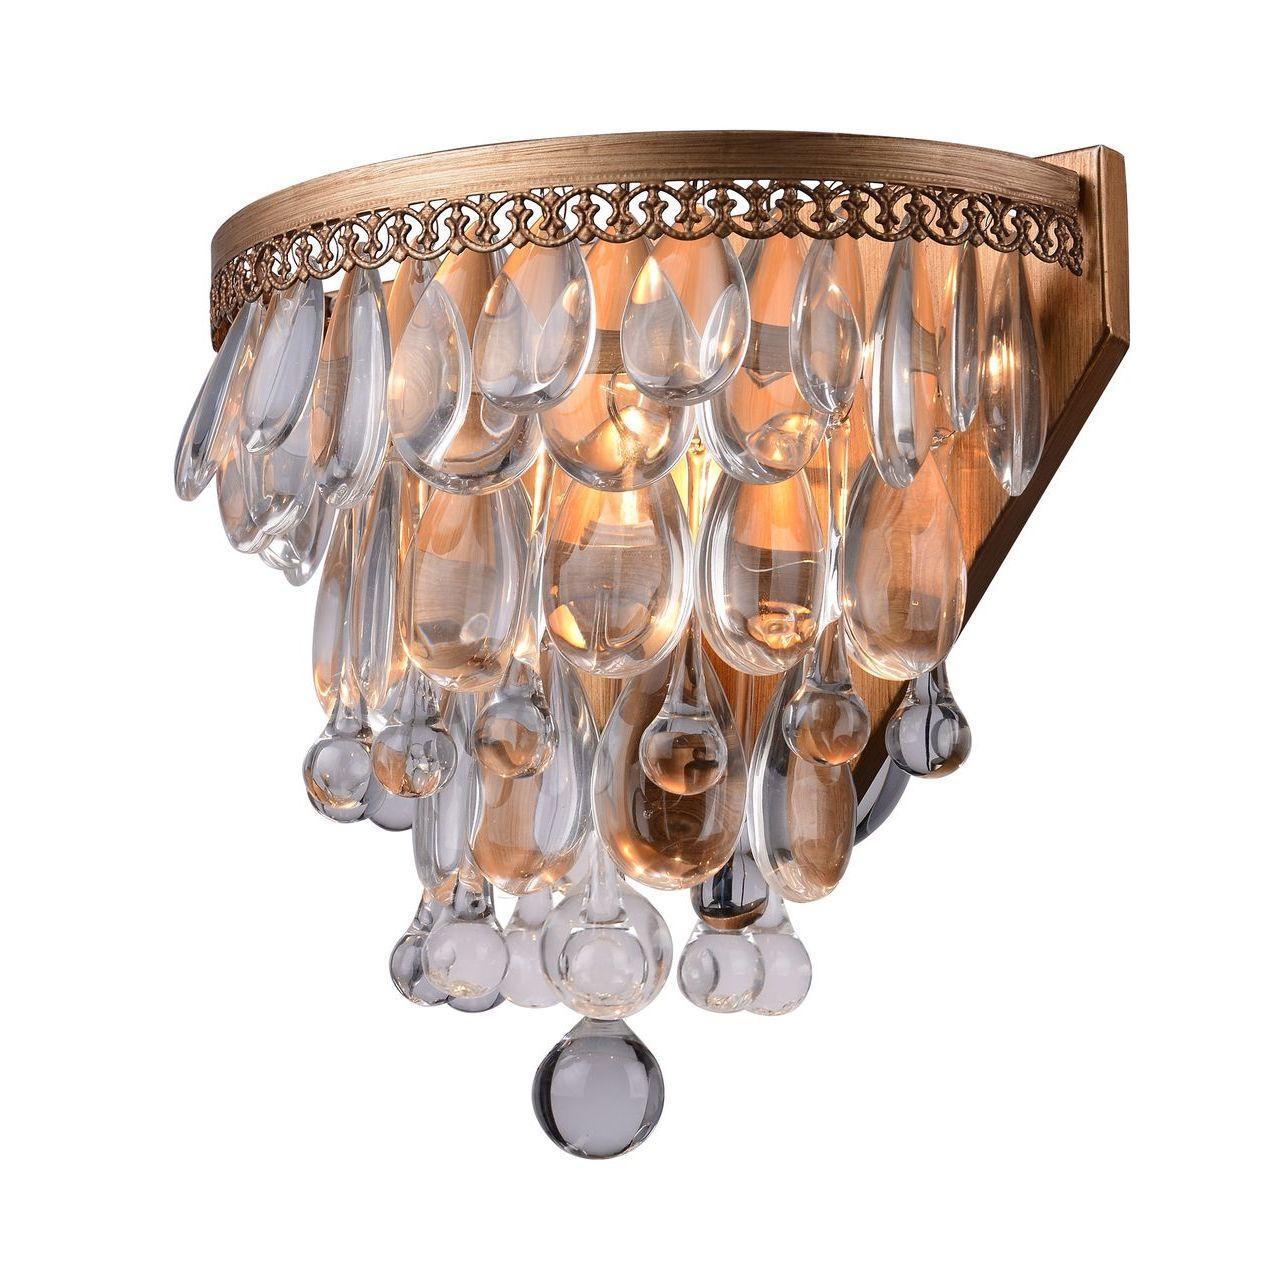 Настенный светильник Arte Lamp Regina A4298AP-1AB светильник настенный arte lamp a2313ap 1ab